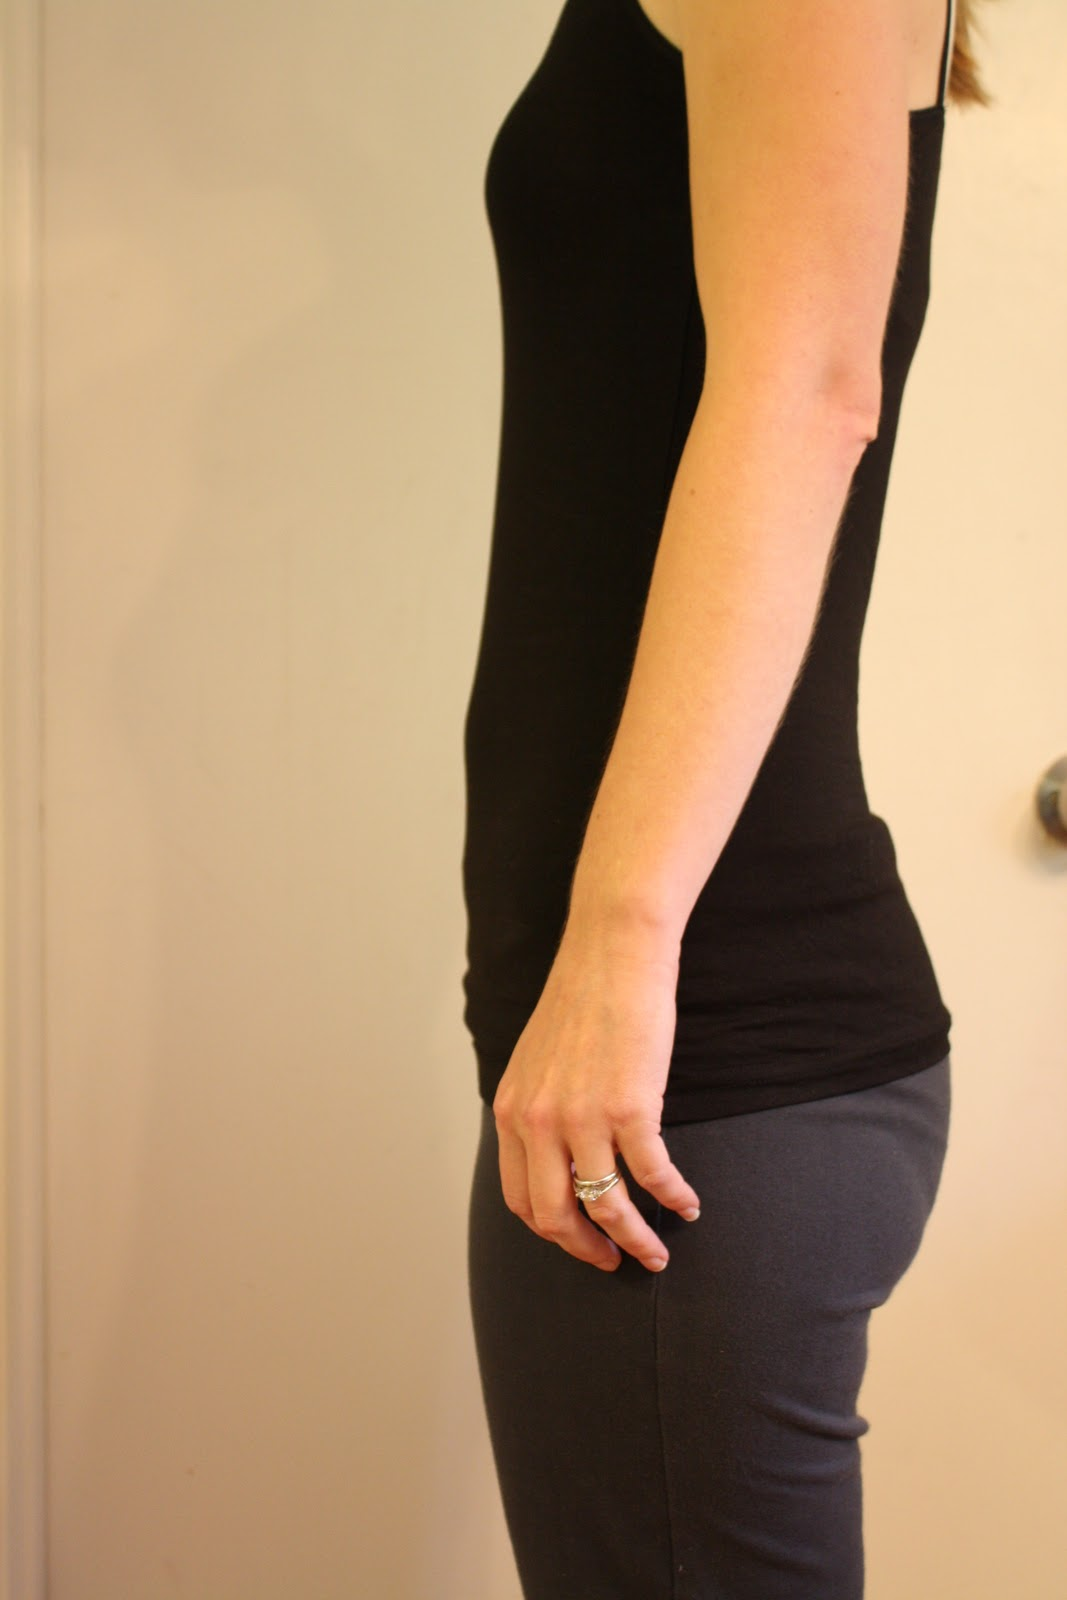 Тянет живот и поясница 37 неделя беременности